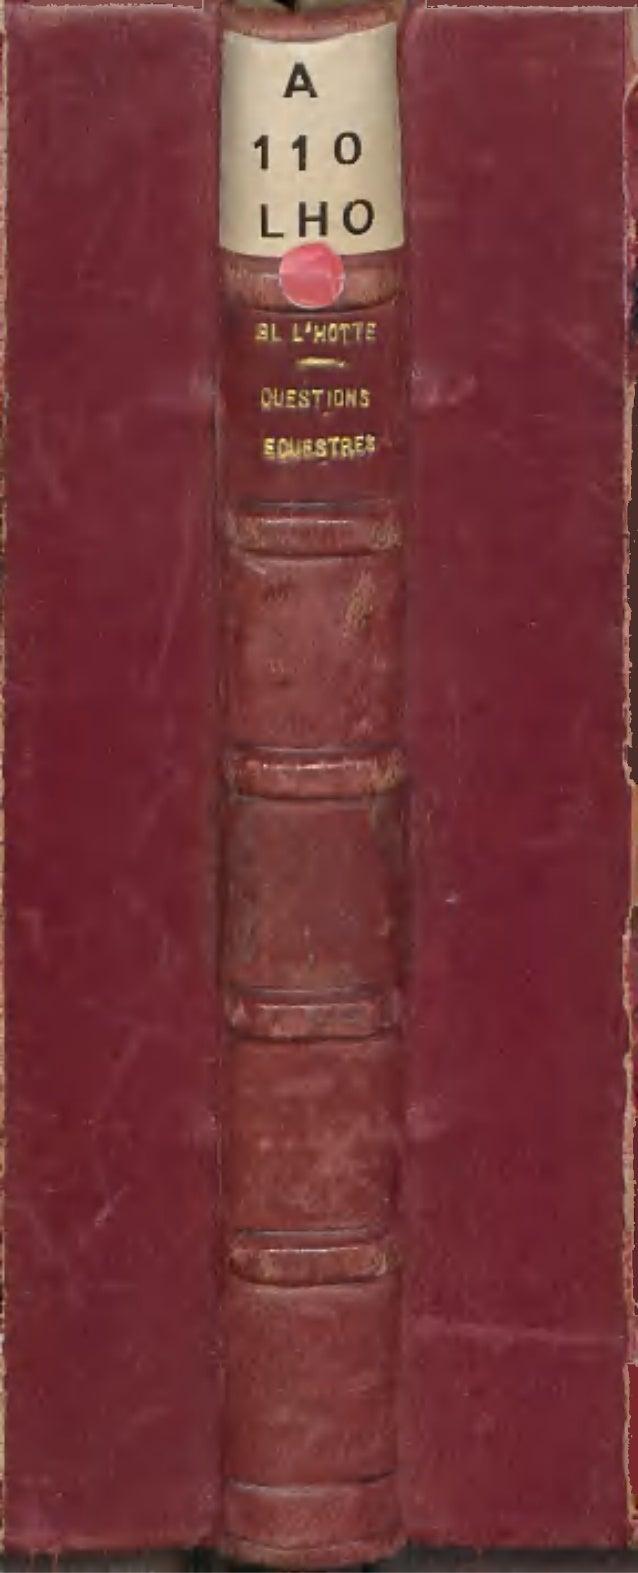 v-vM 0-L'Ho Ptòf 5Ì&4Ì. rr^-Msi